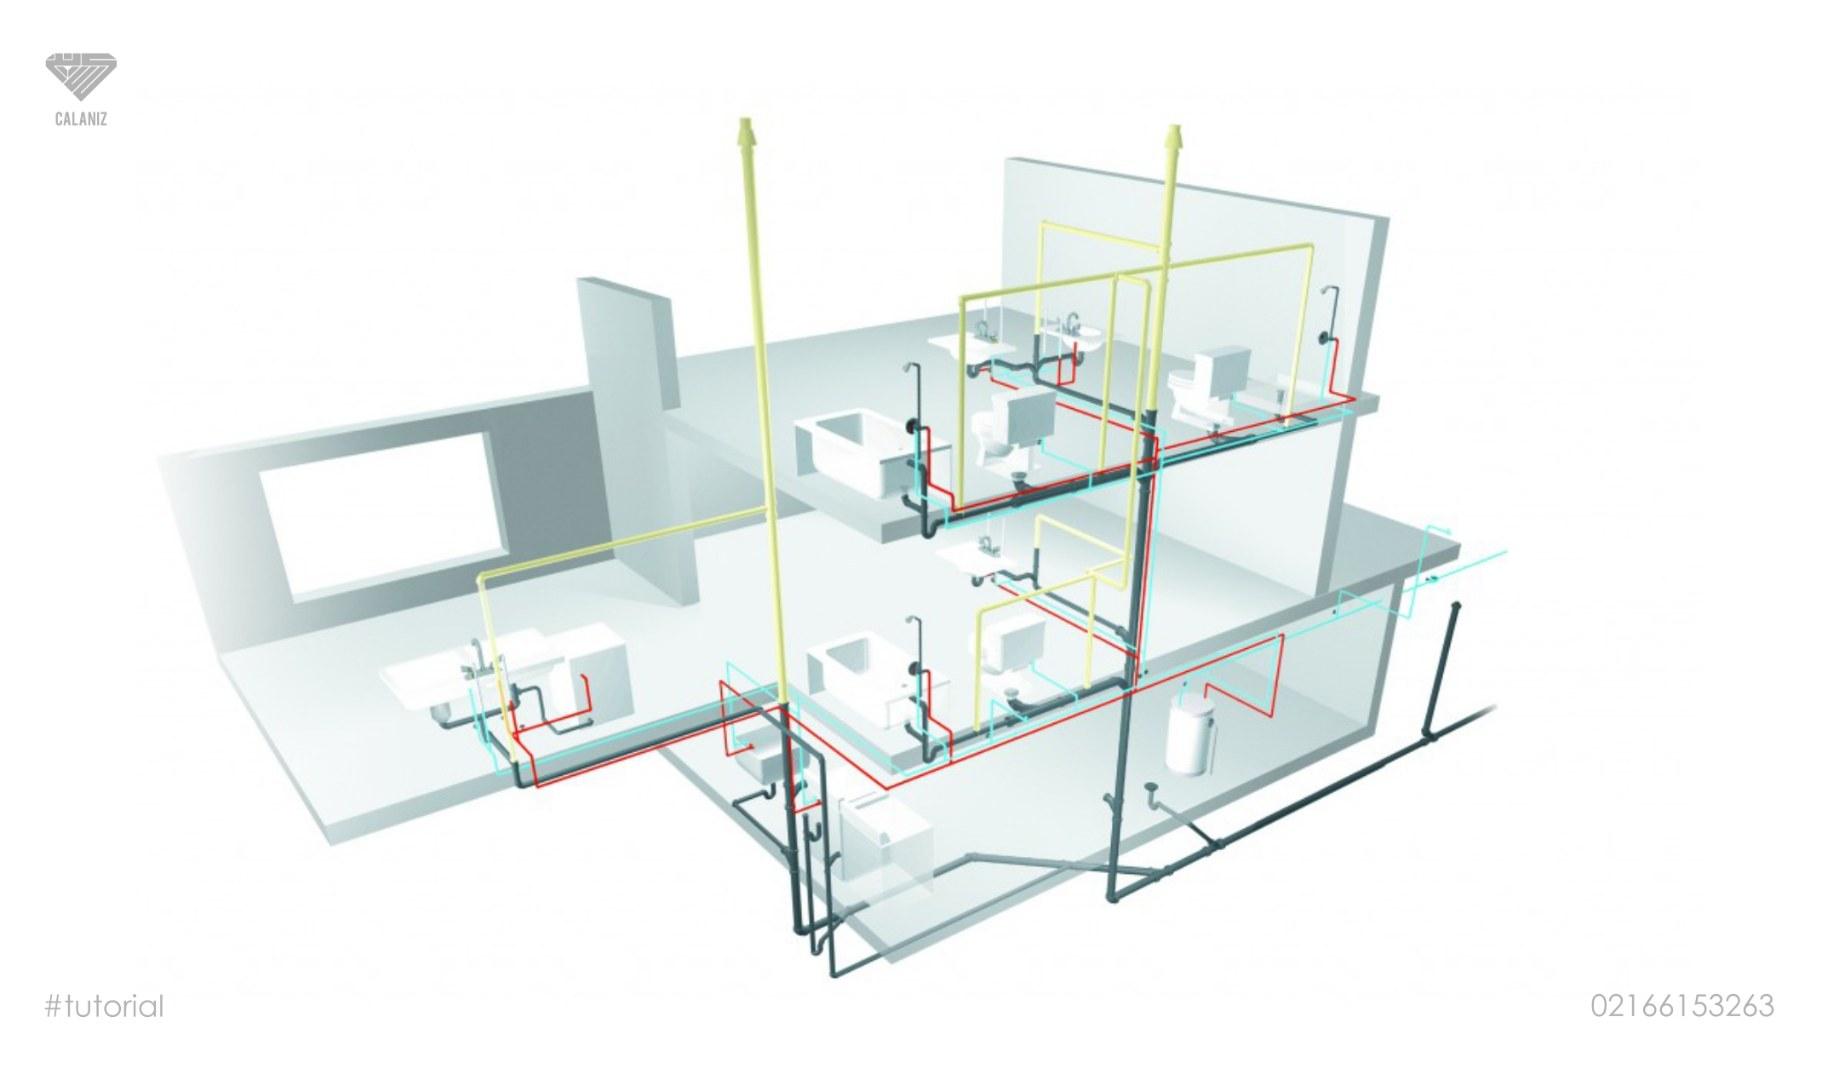 محافظت از لوله های پنج لایه در برابر خطرات پیرامون